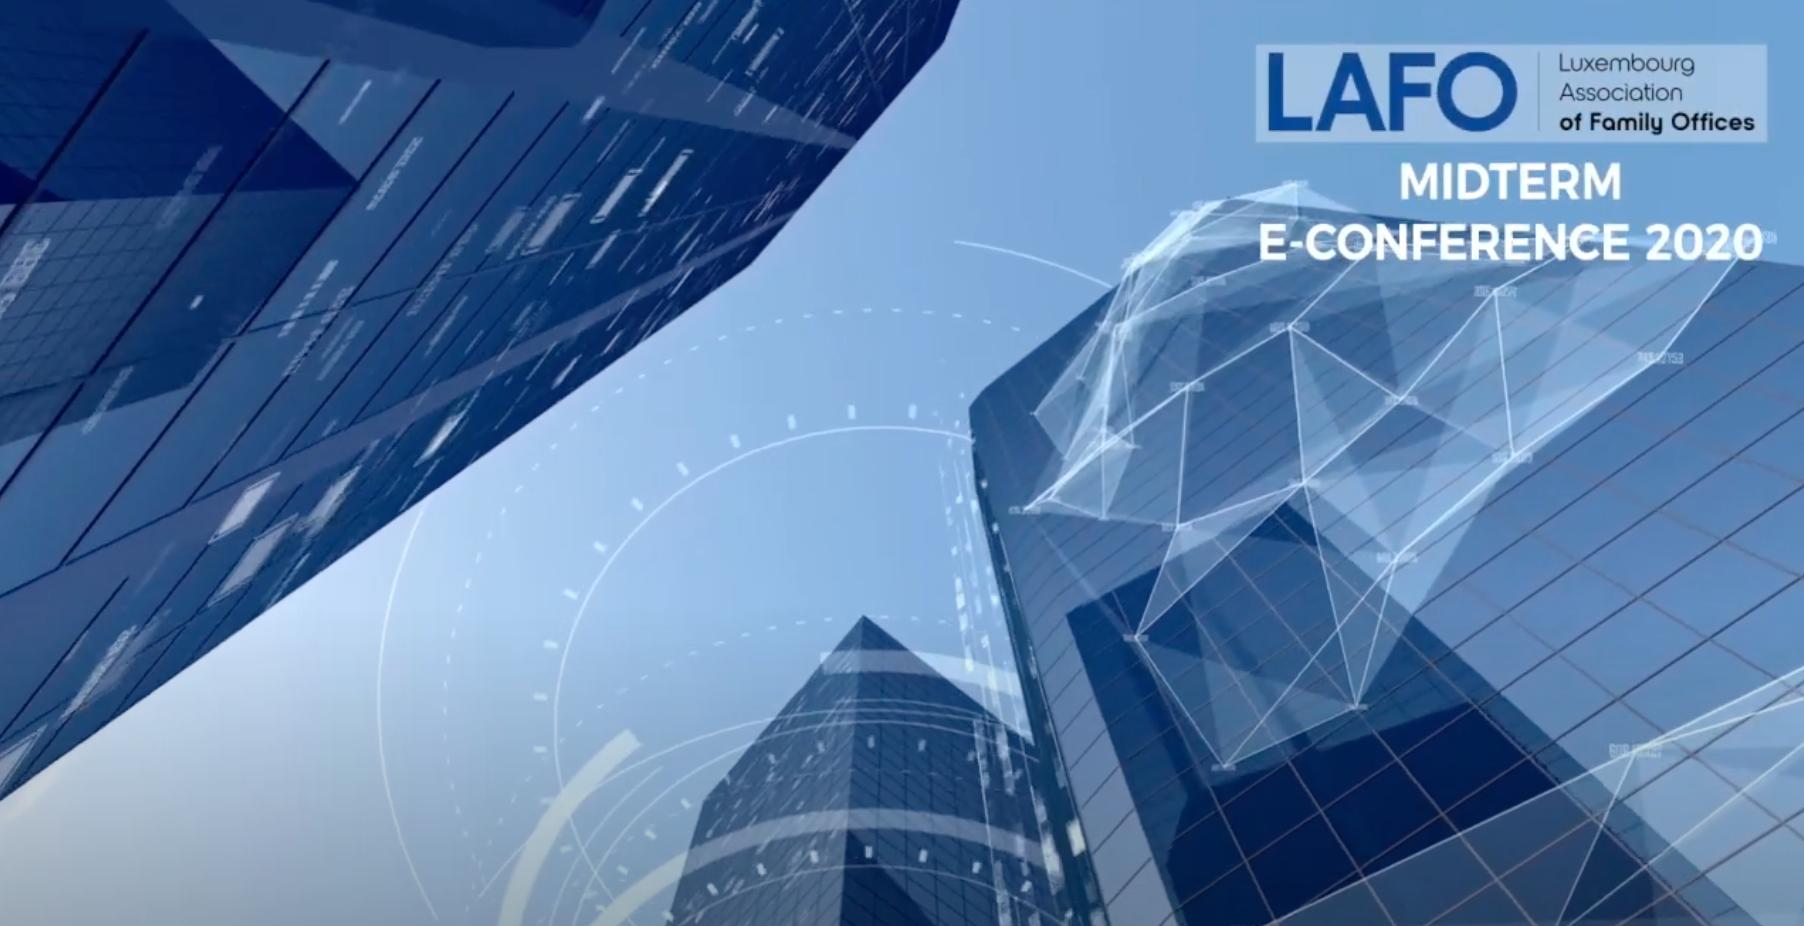 LAFO Midterm E-Conference